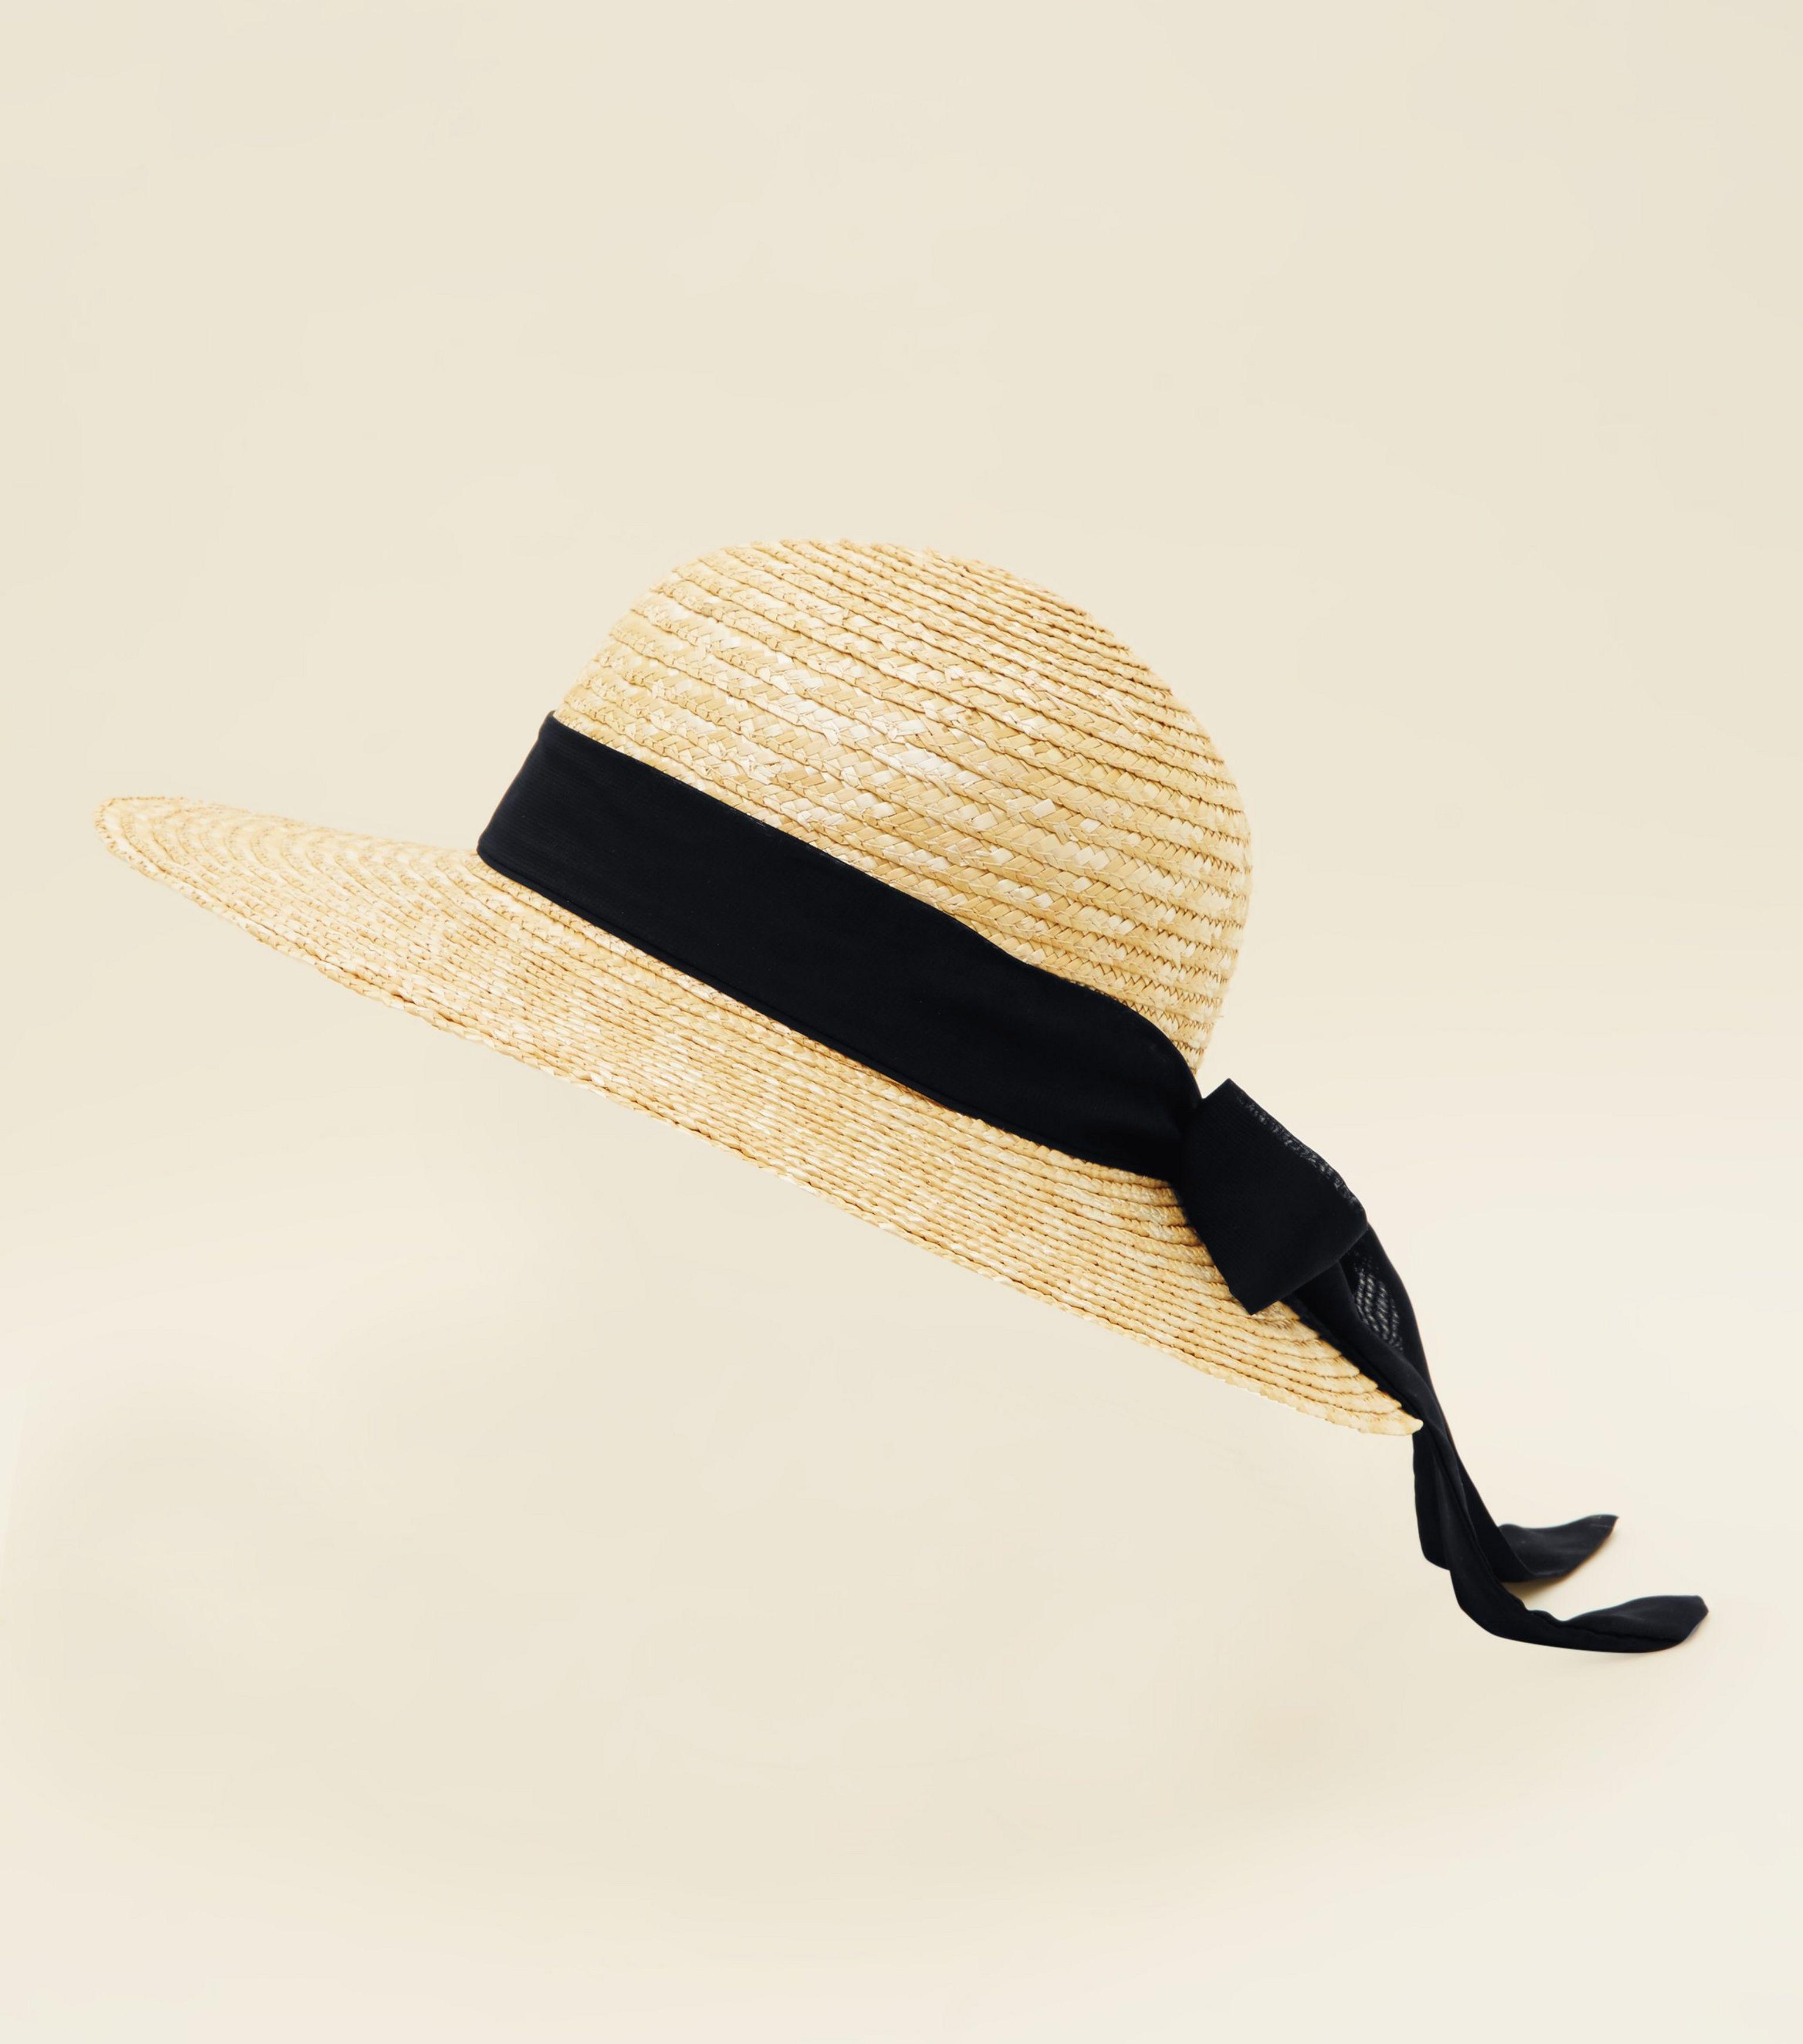 6a5146cf2f9 New Look Stone Ribbon Straw Hat - Lyst